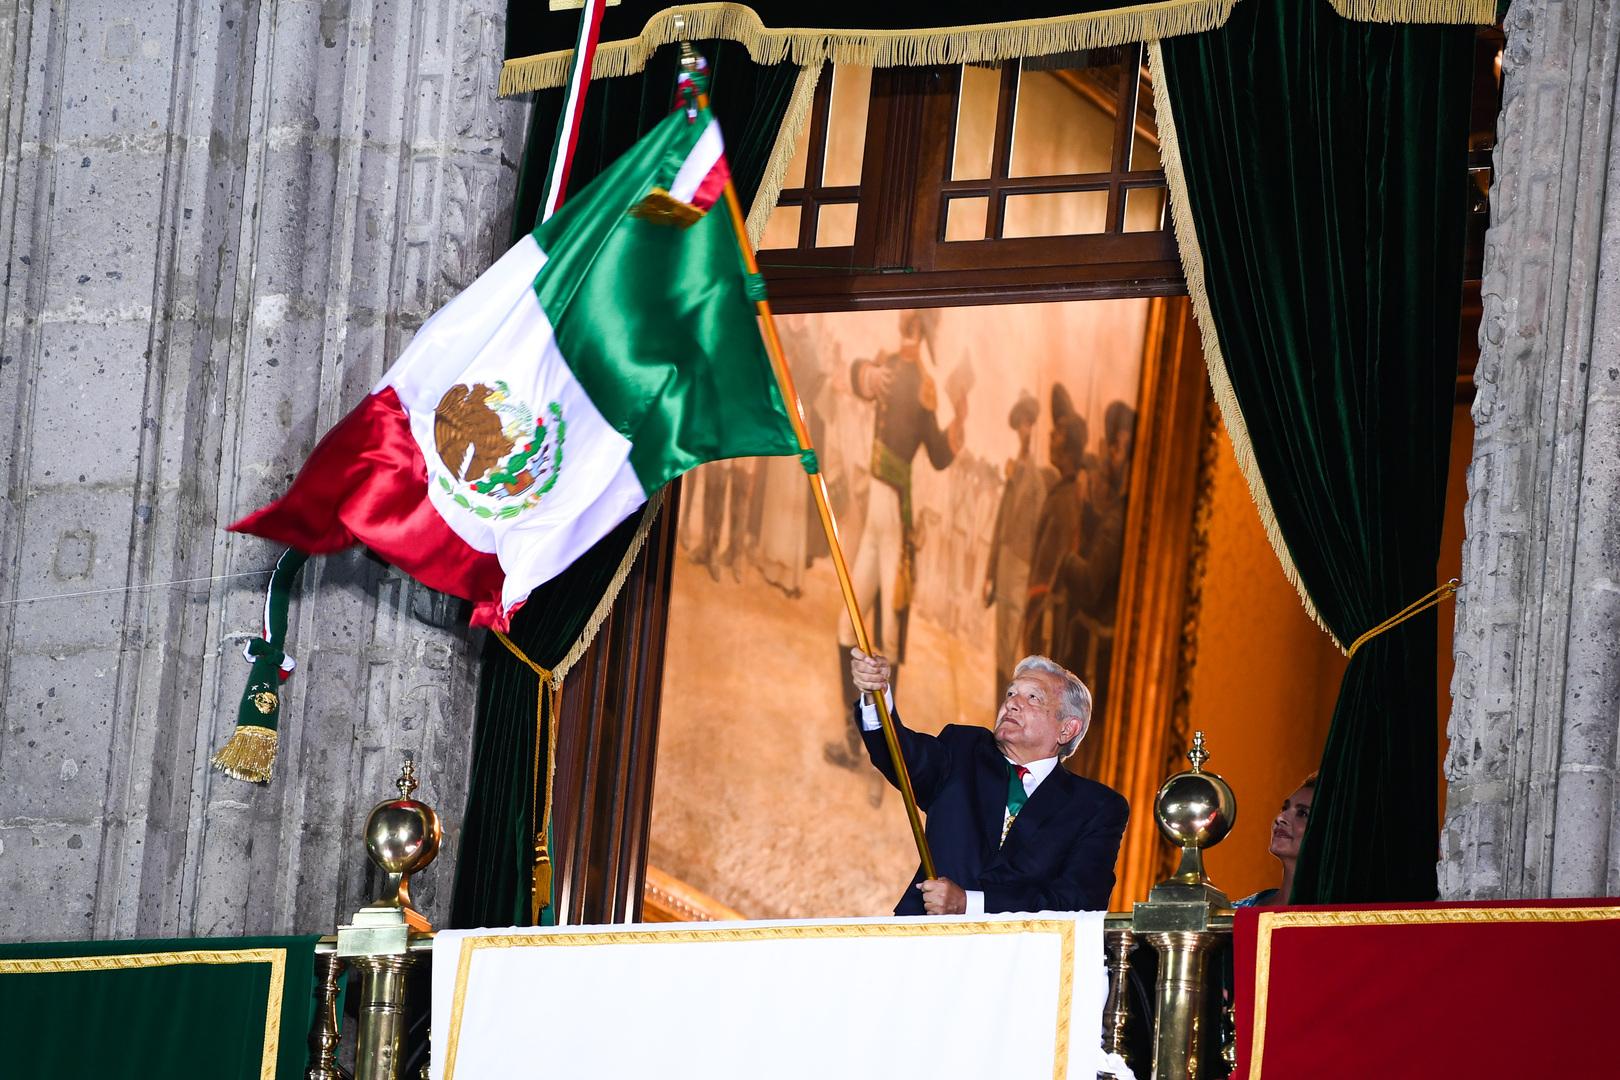 المكسيك تقترح تكتلا في أمريكا اللاتينية يحاكي الاتحاد الأوروبي